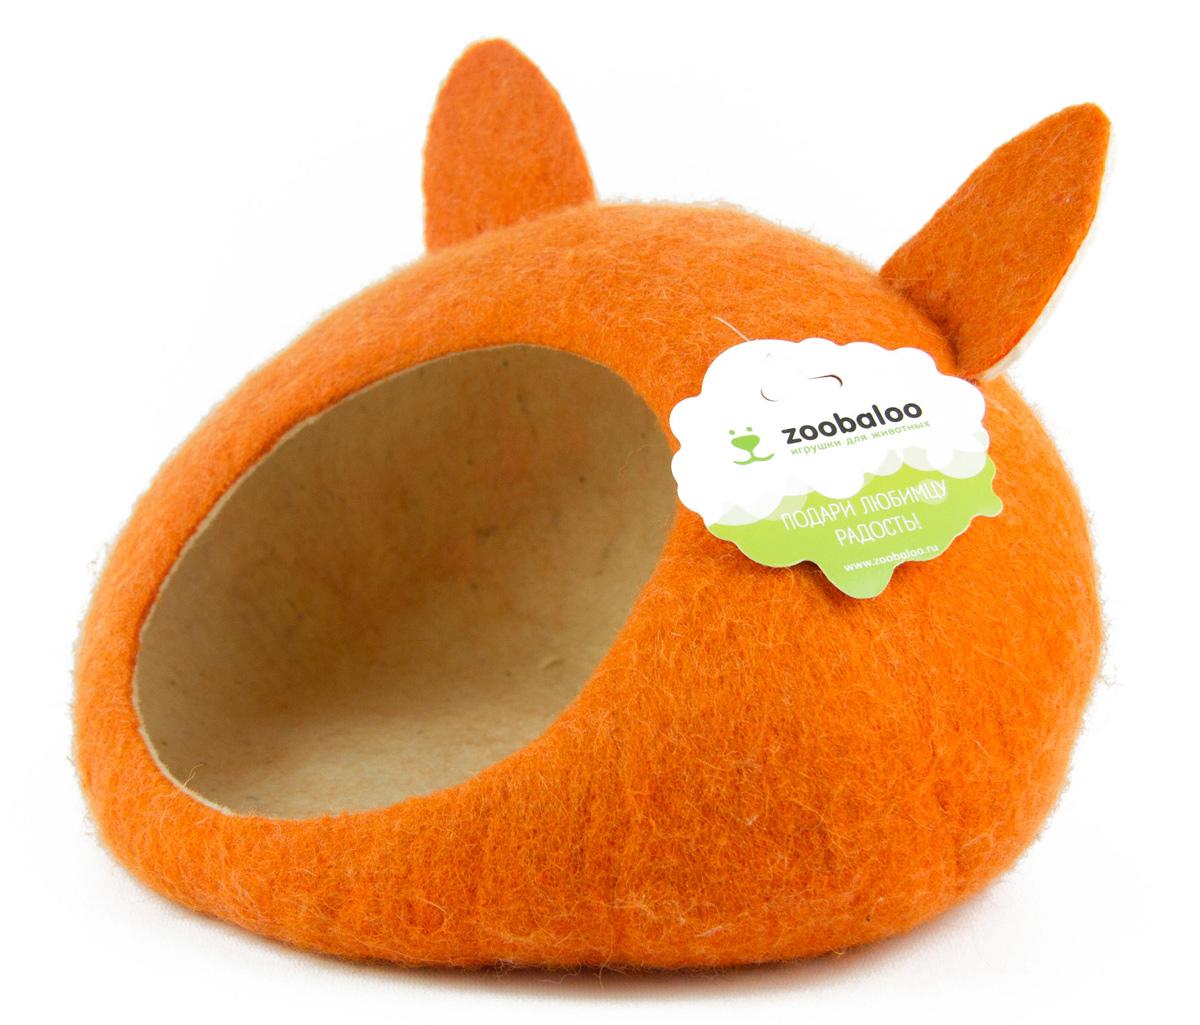 Домик-слипер для животных Zoobaloo WoolPetHouse, с ушками, цвет: оранжевый, размер S811Домик-слипер Zoobaloo WoolPetHouse предназначен для отдыха и сна питомца. Домик изготовлен из 100% шерсти мериноса. Учтены все особенности животного сна: форма, цвет, материал этого домика - все подобрано как нельзя лучше! В нем ваш любимец будет видеть только цветные сны. Шерсть мериноса обеспечит превосходный микроклимат внутри домика, а его форма позволит питомцу засыпать в самой естественной позе.